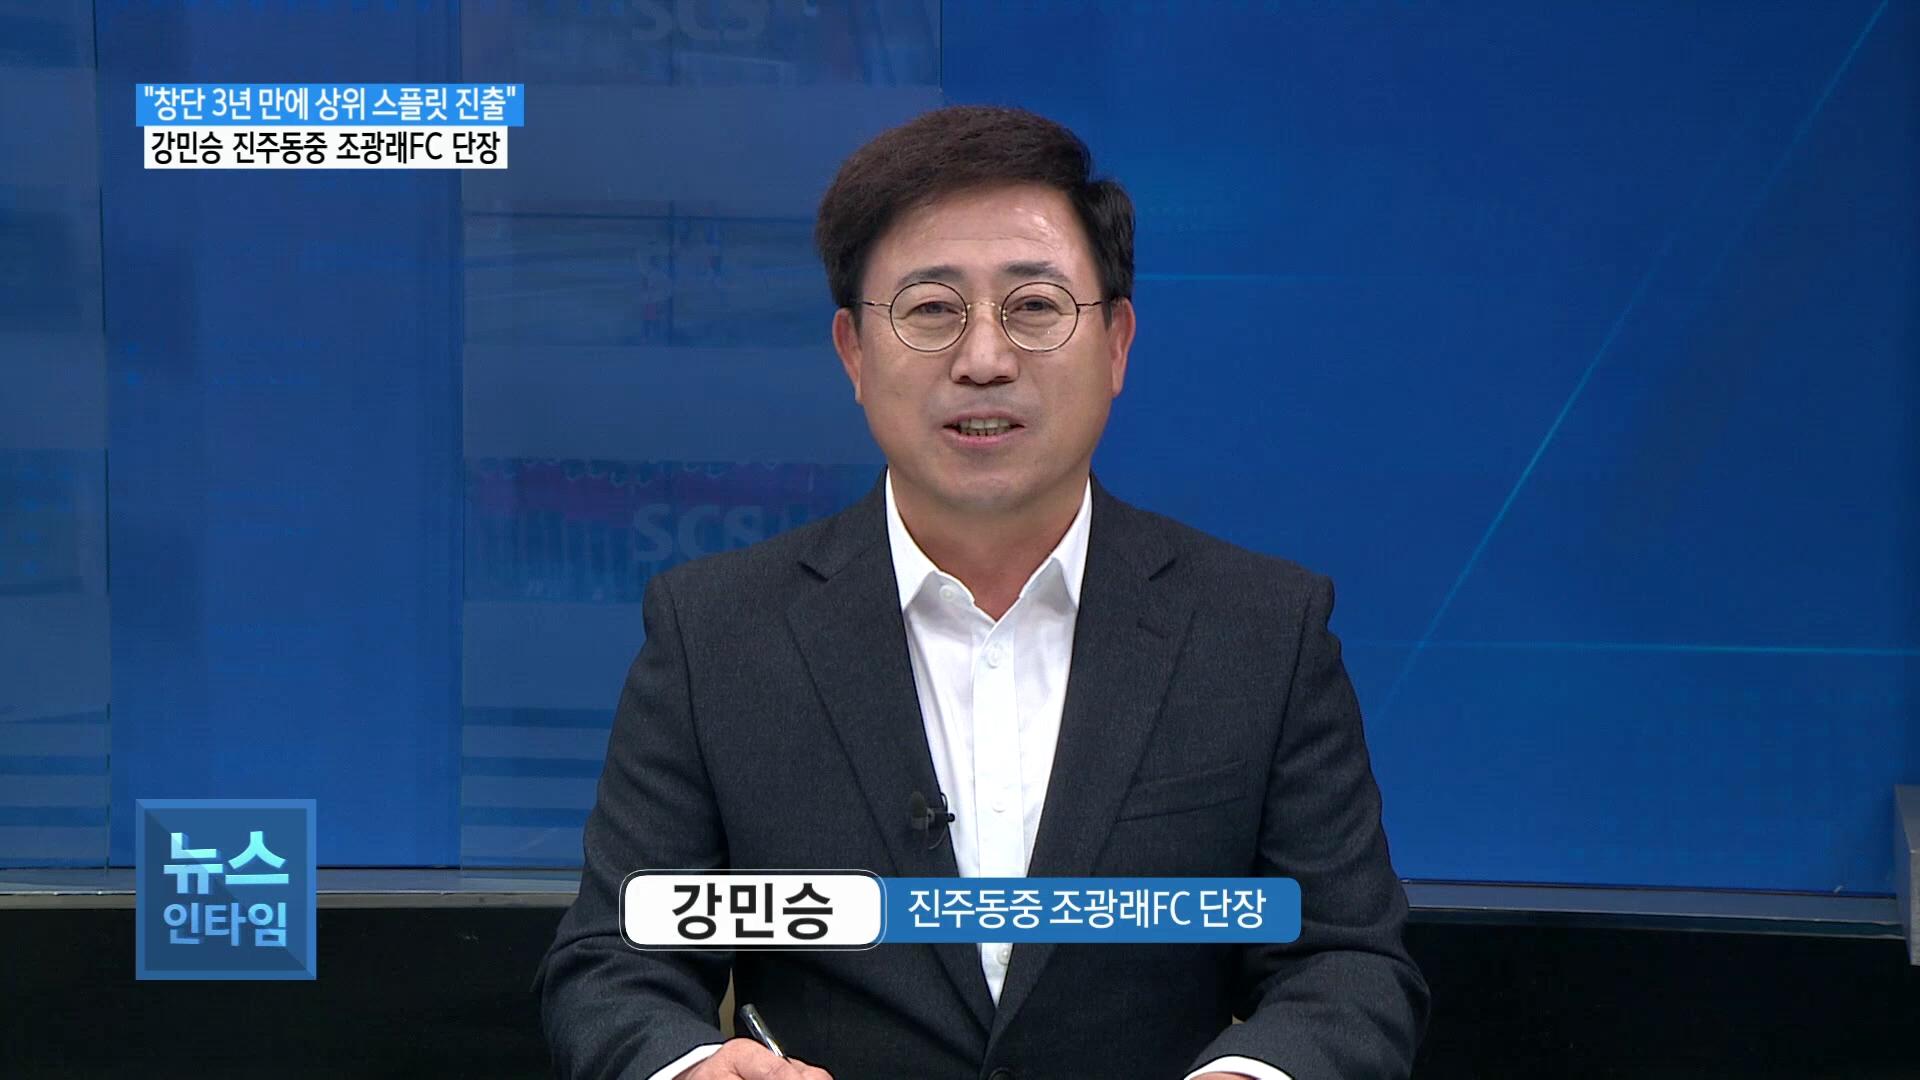 (스튜디오R) 강민승 진주동중 조광래FC 단장